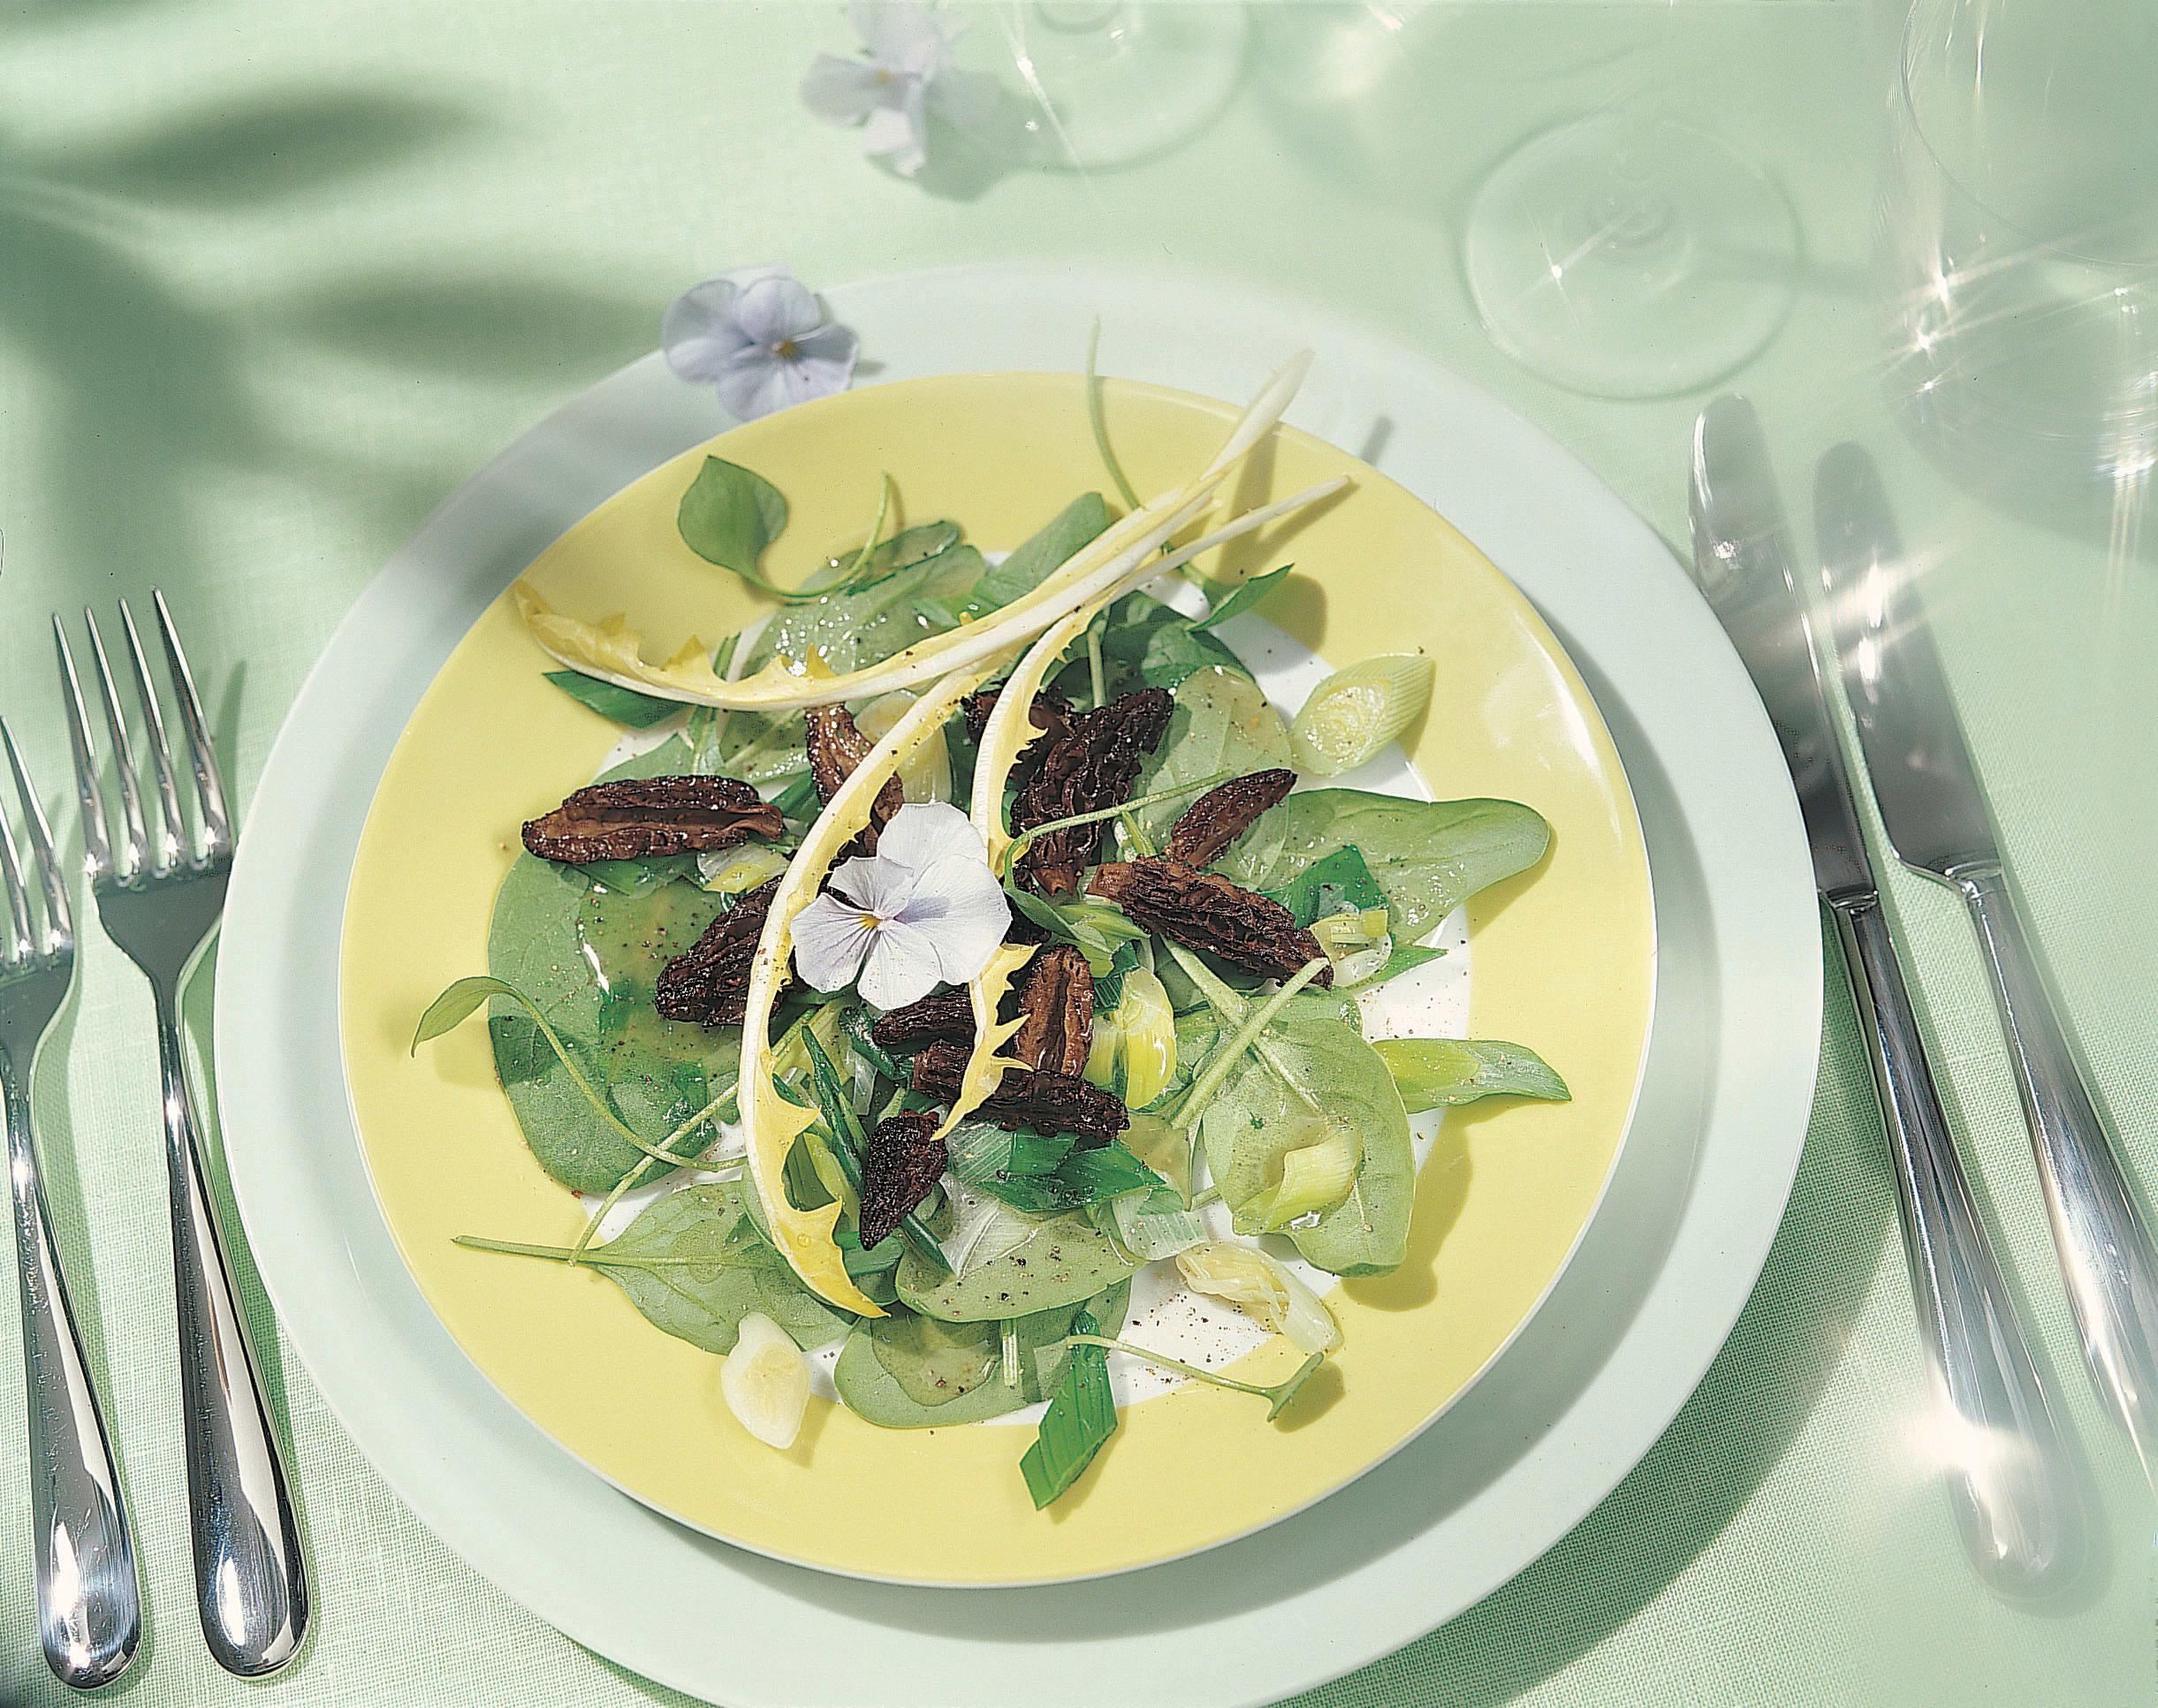 Salade aux morilles et aux oignons frais